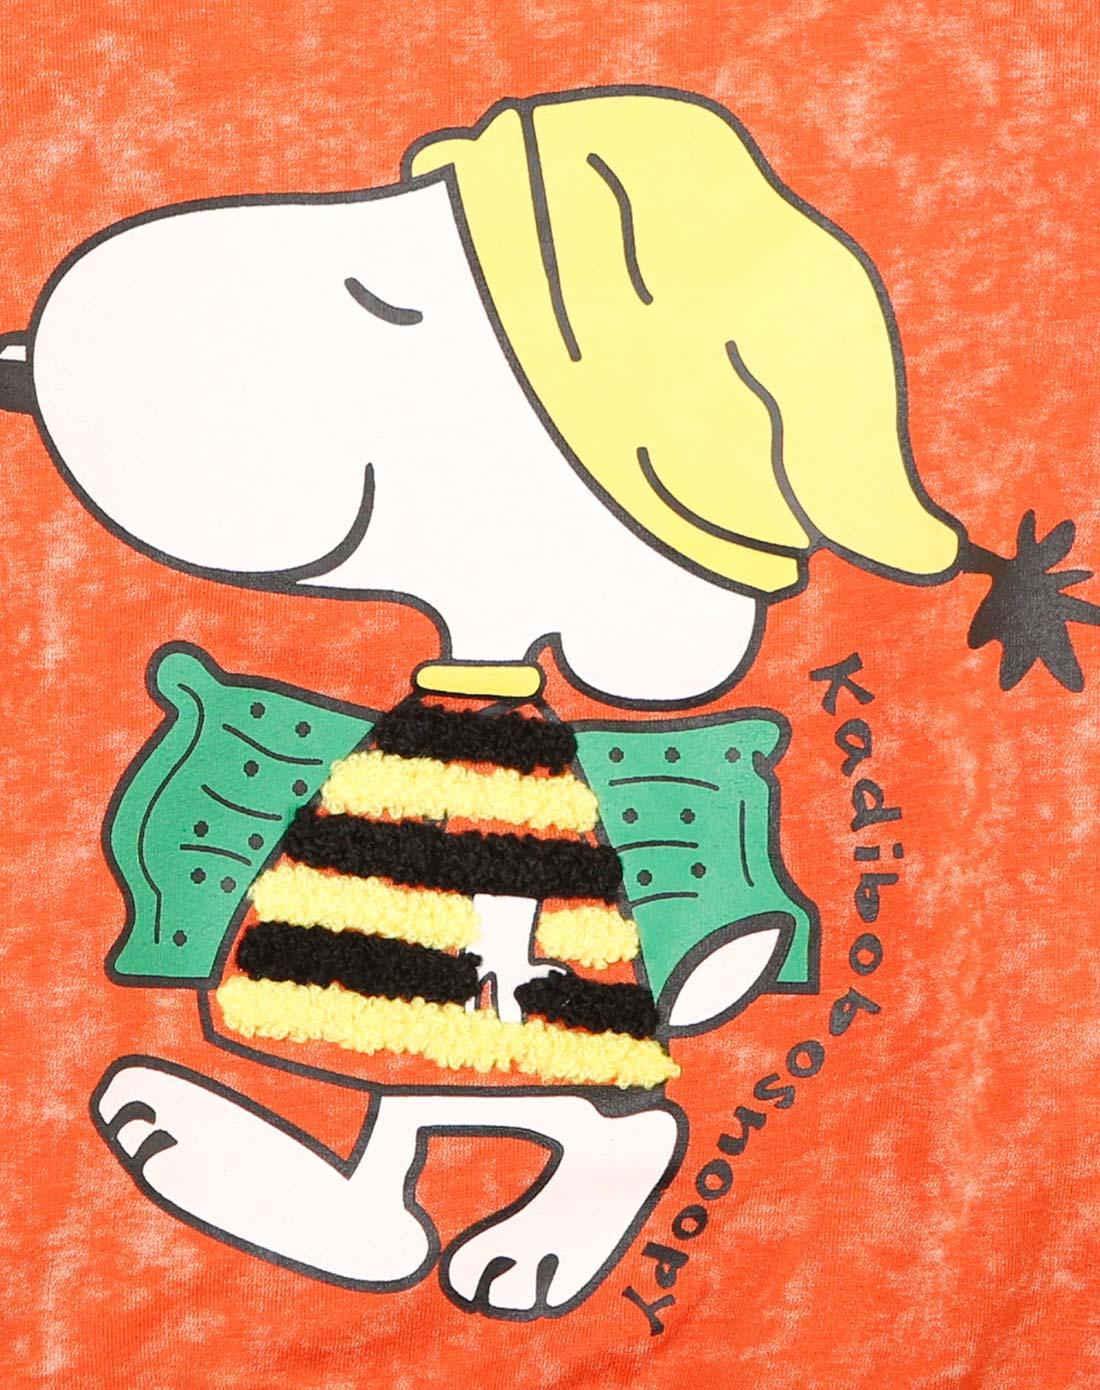 动漫 儿童画 卡通 漫画 头像 1100_1390 竖版 竖屏